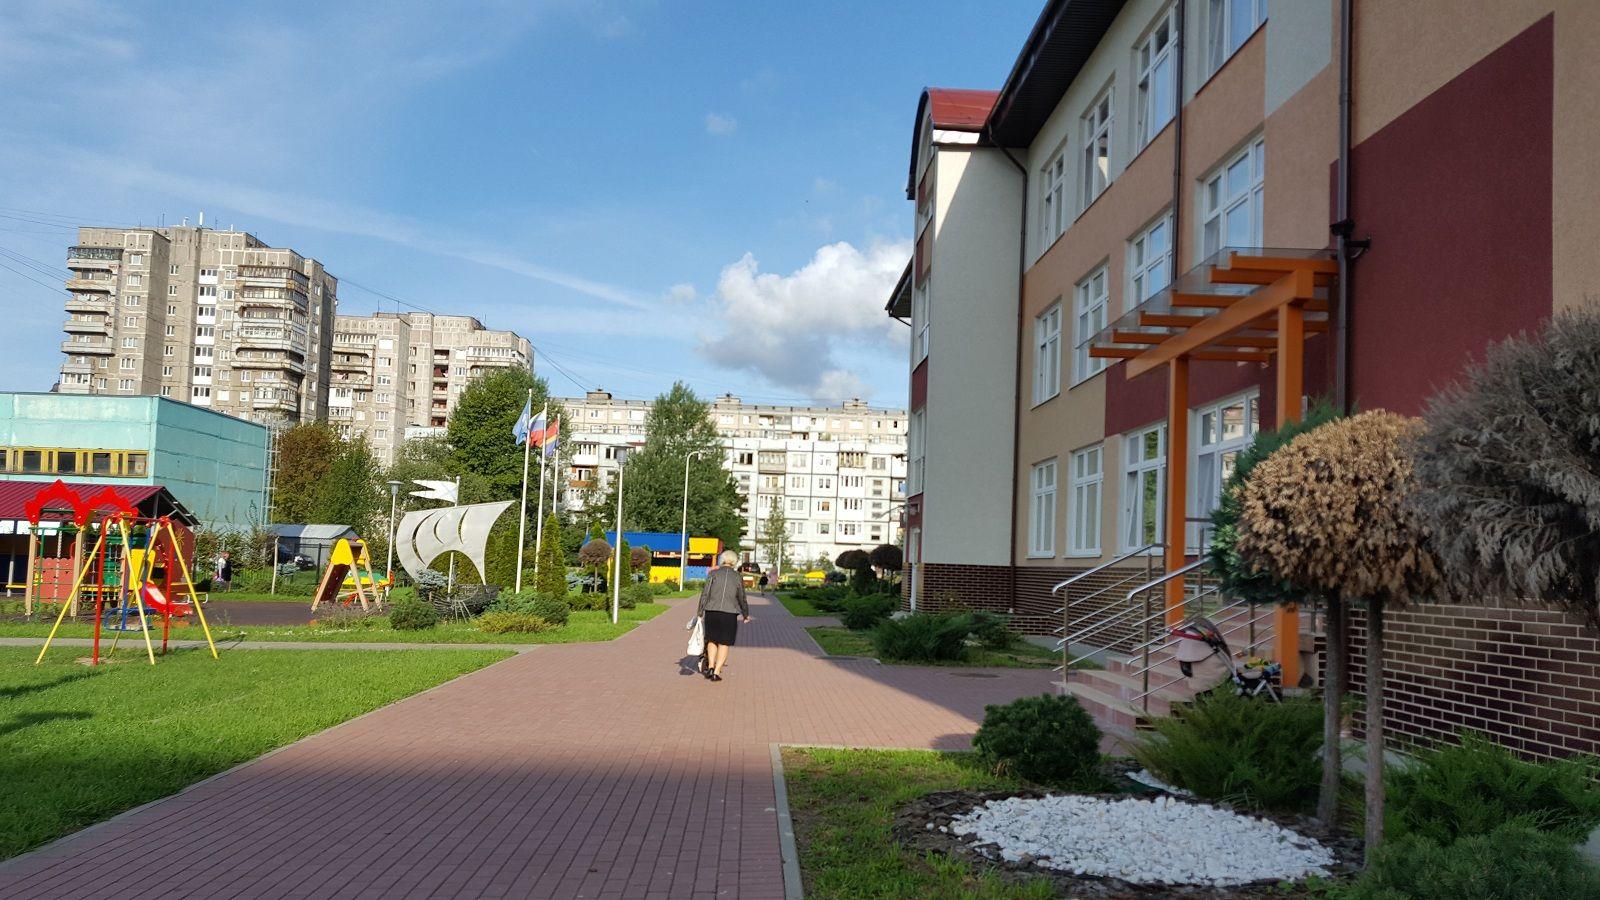 Как я провела свой день рождение, я покажу вам летний Калининград, фото 17